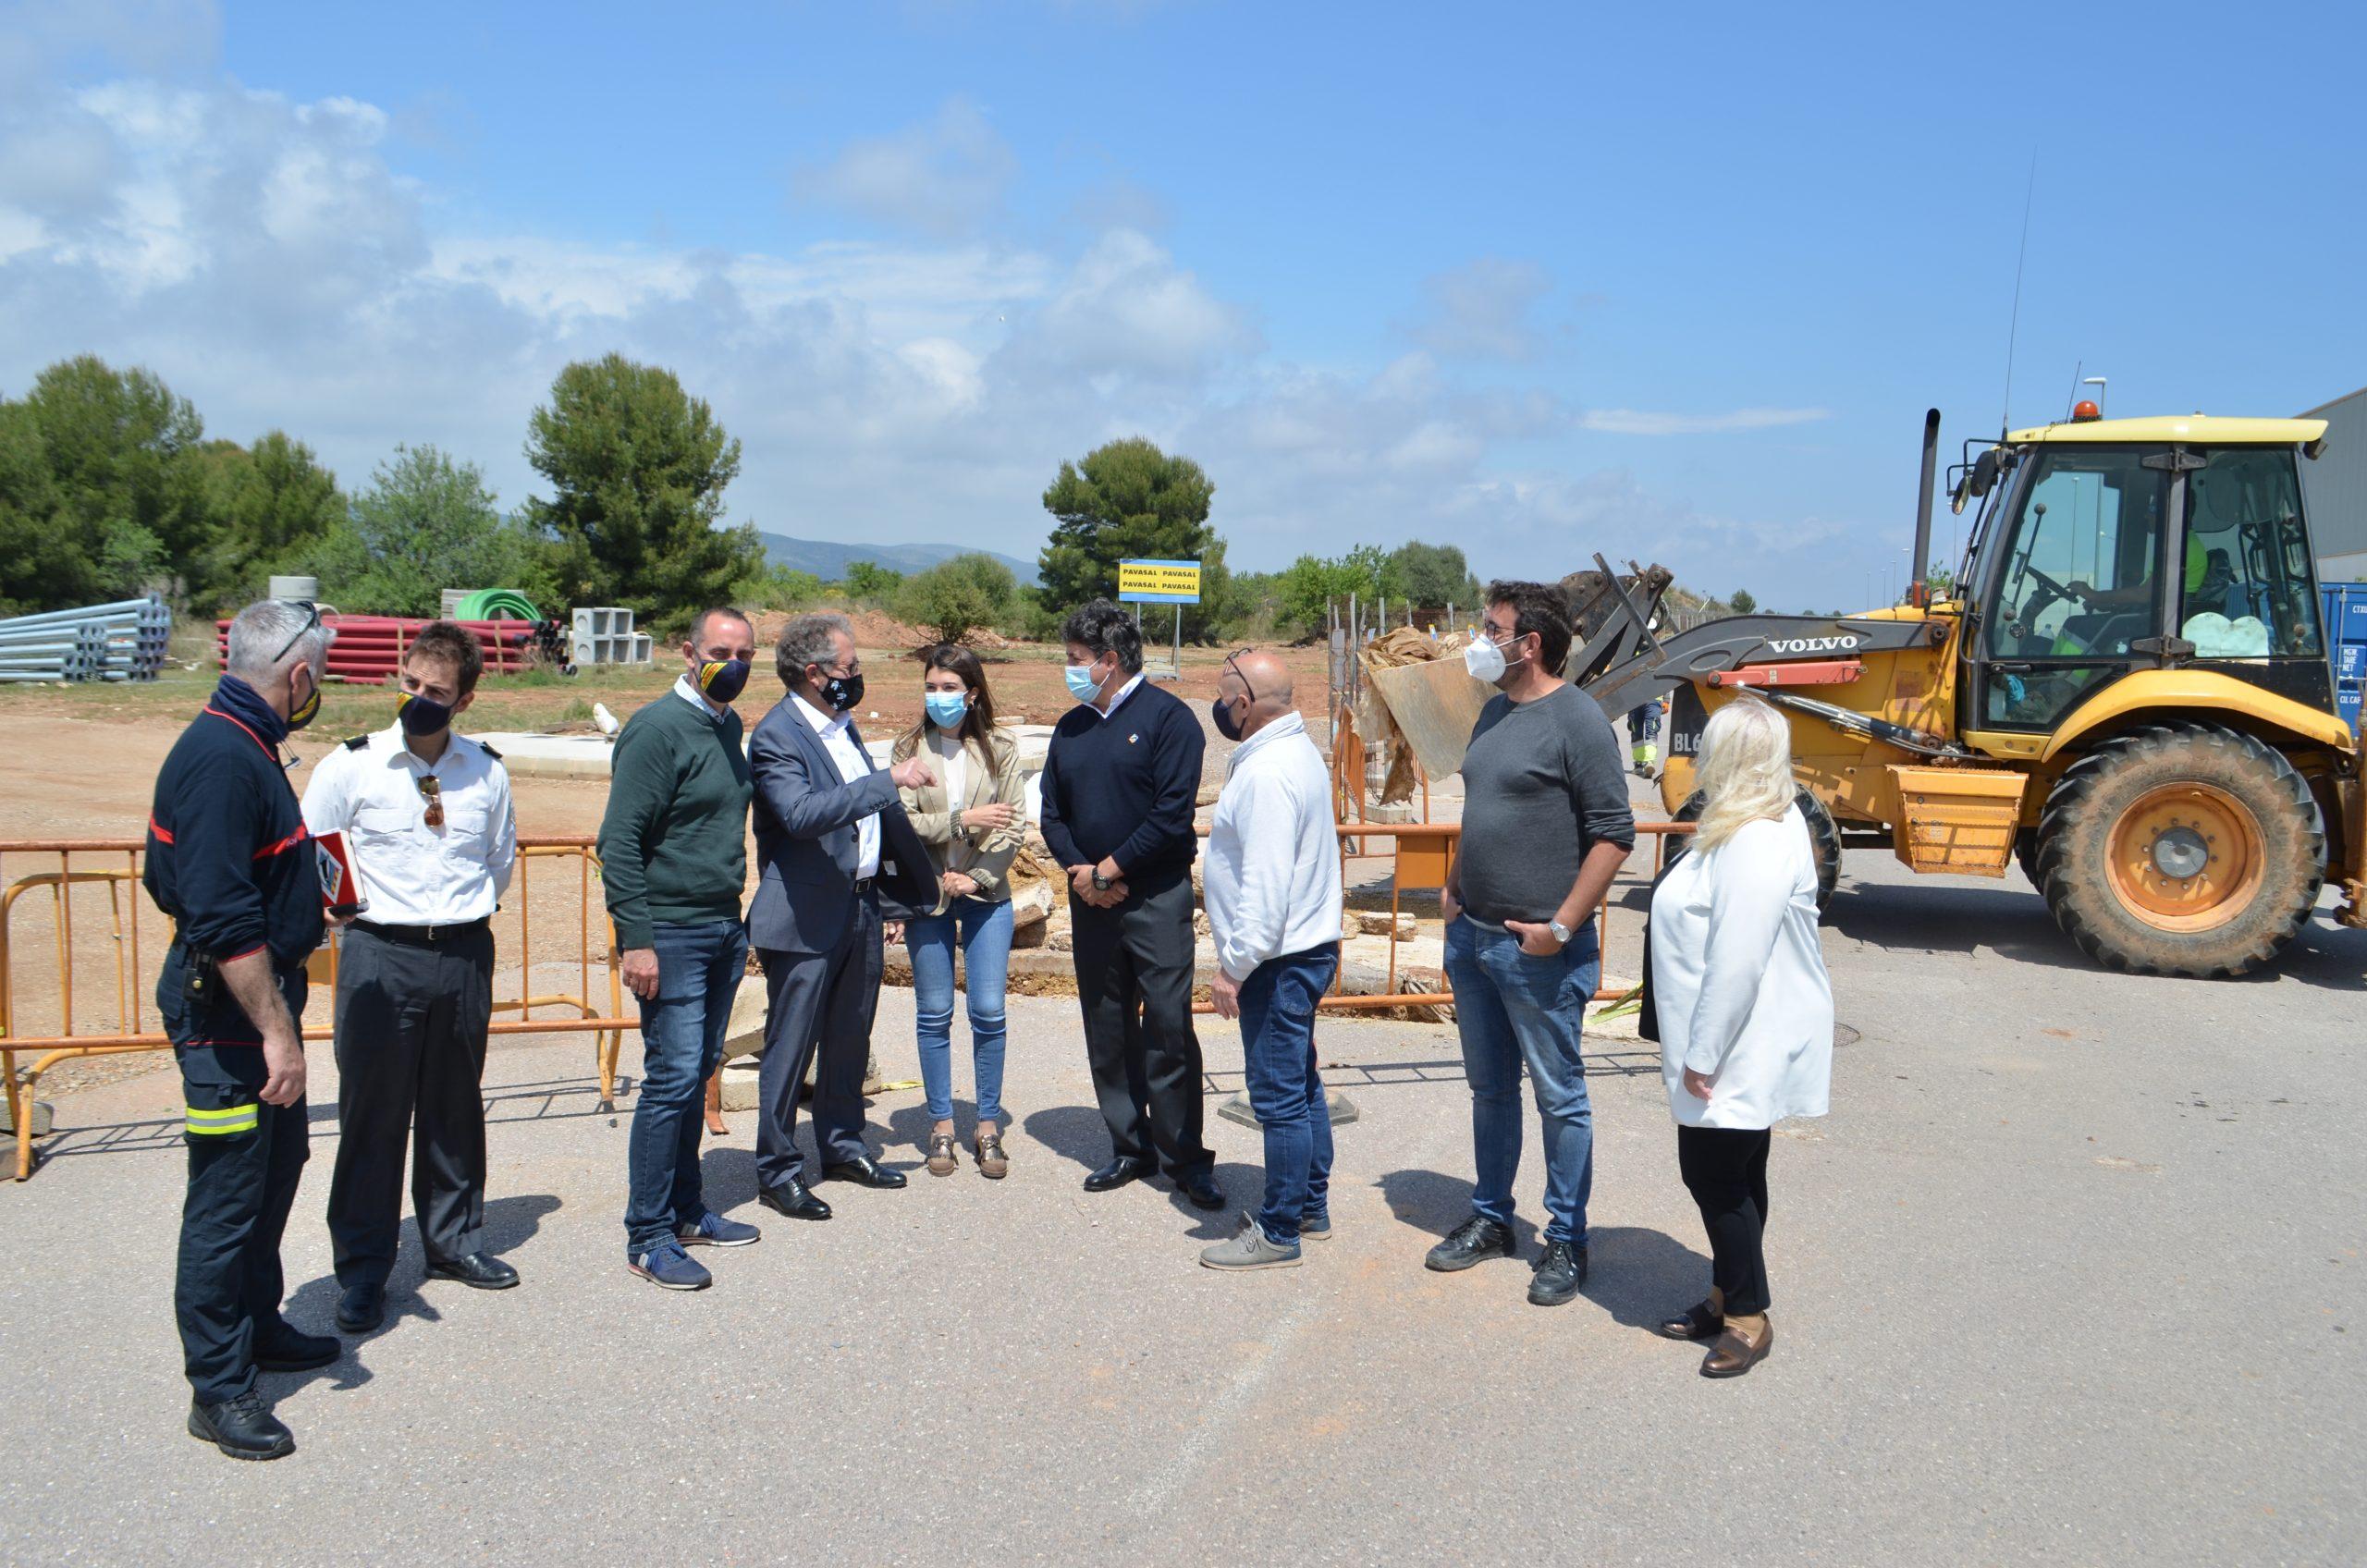 La Diputación invertirá 2 millones de euros en el nuevo parque de bomberos de Oropesa del Mar